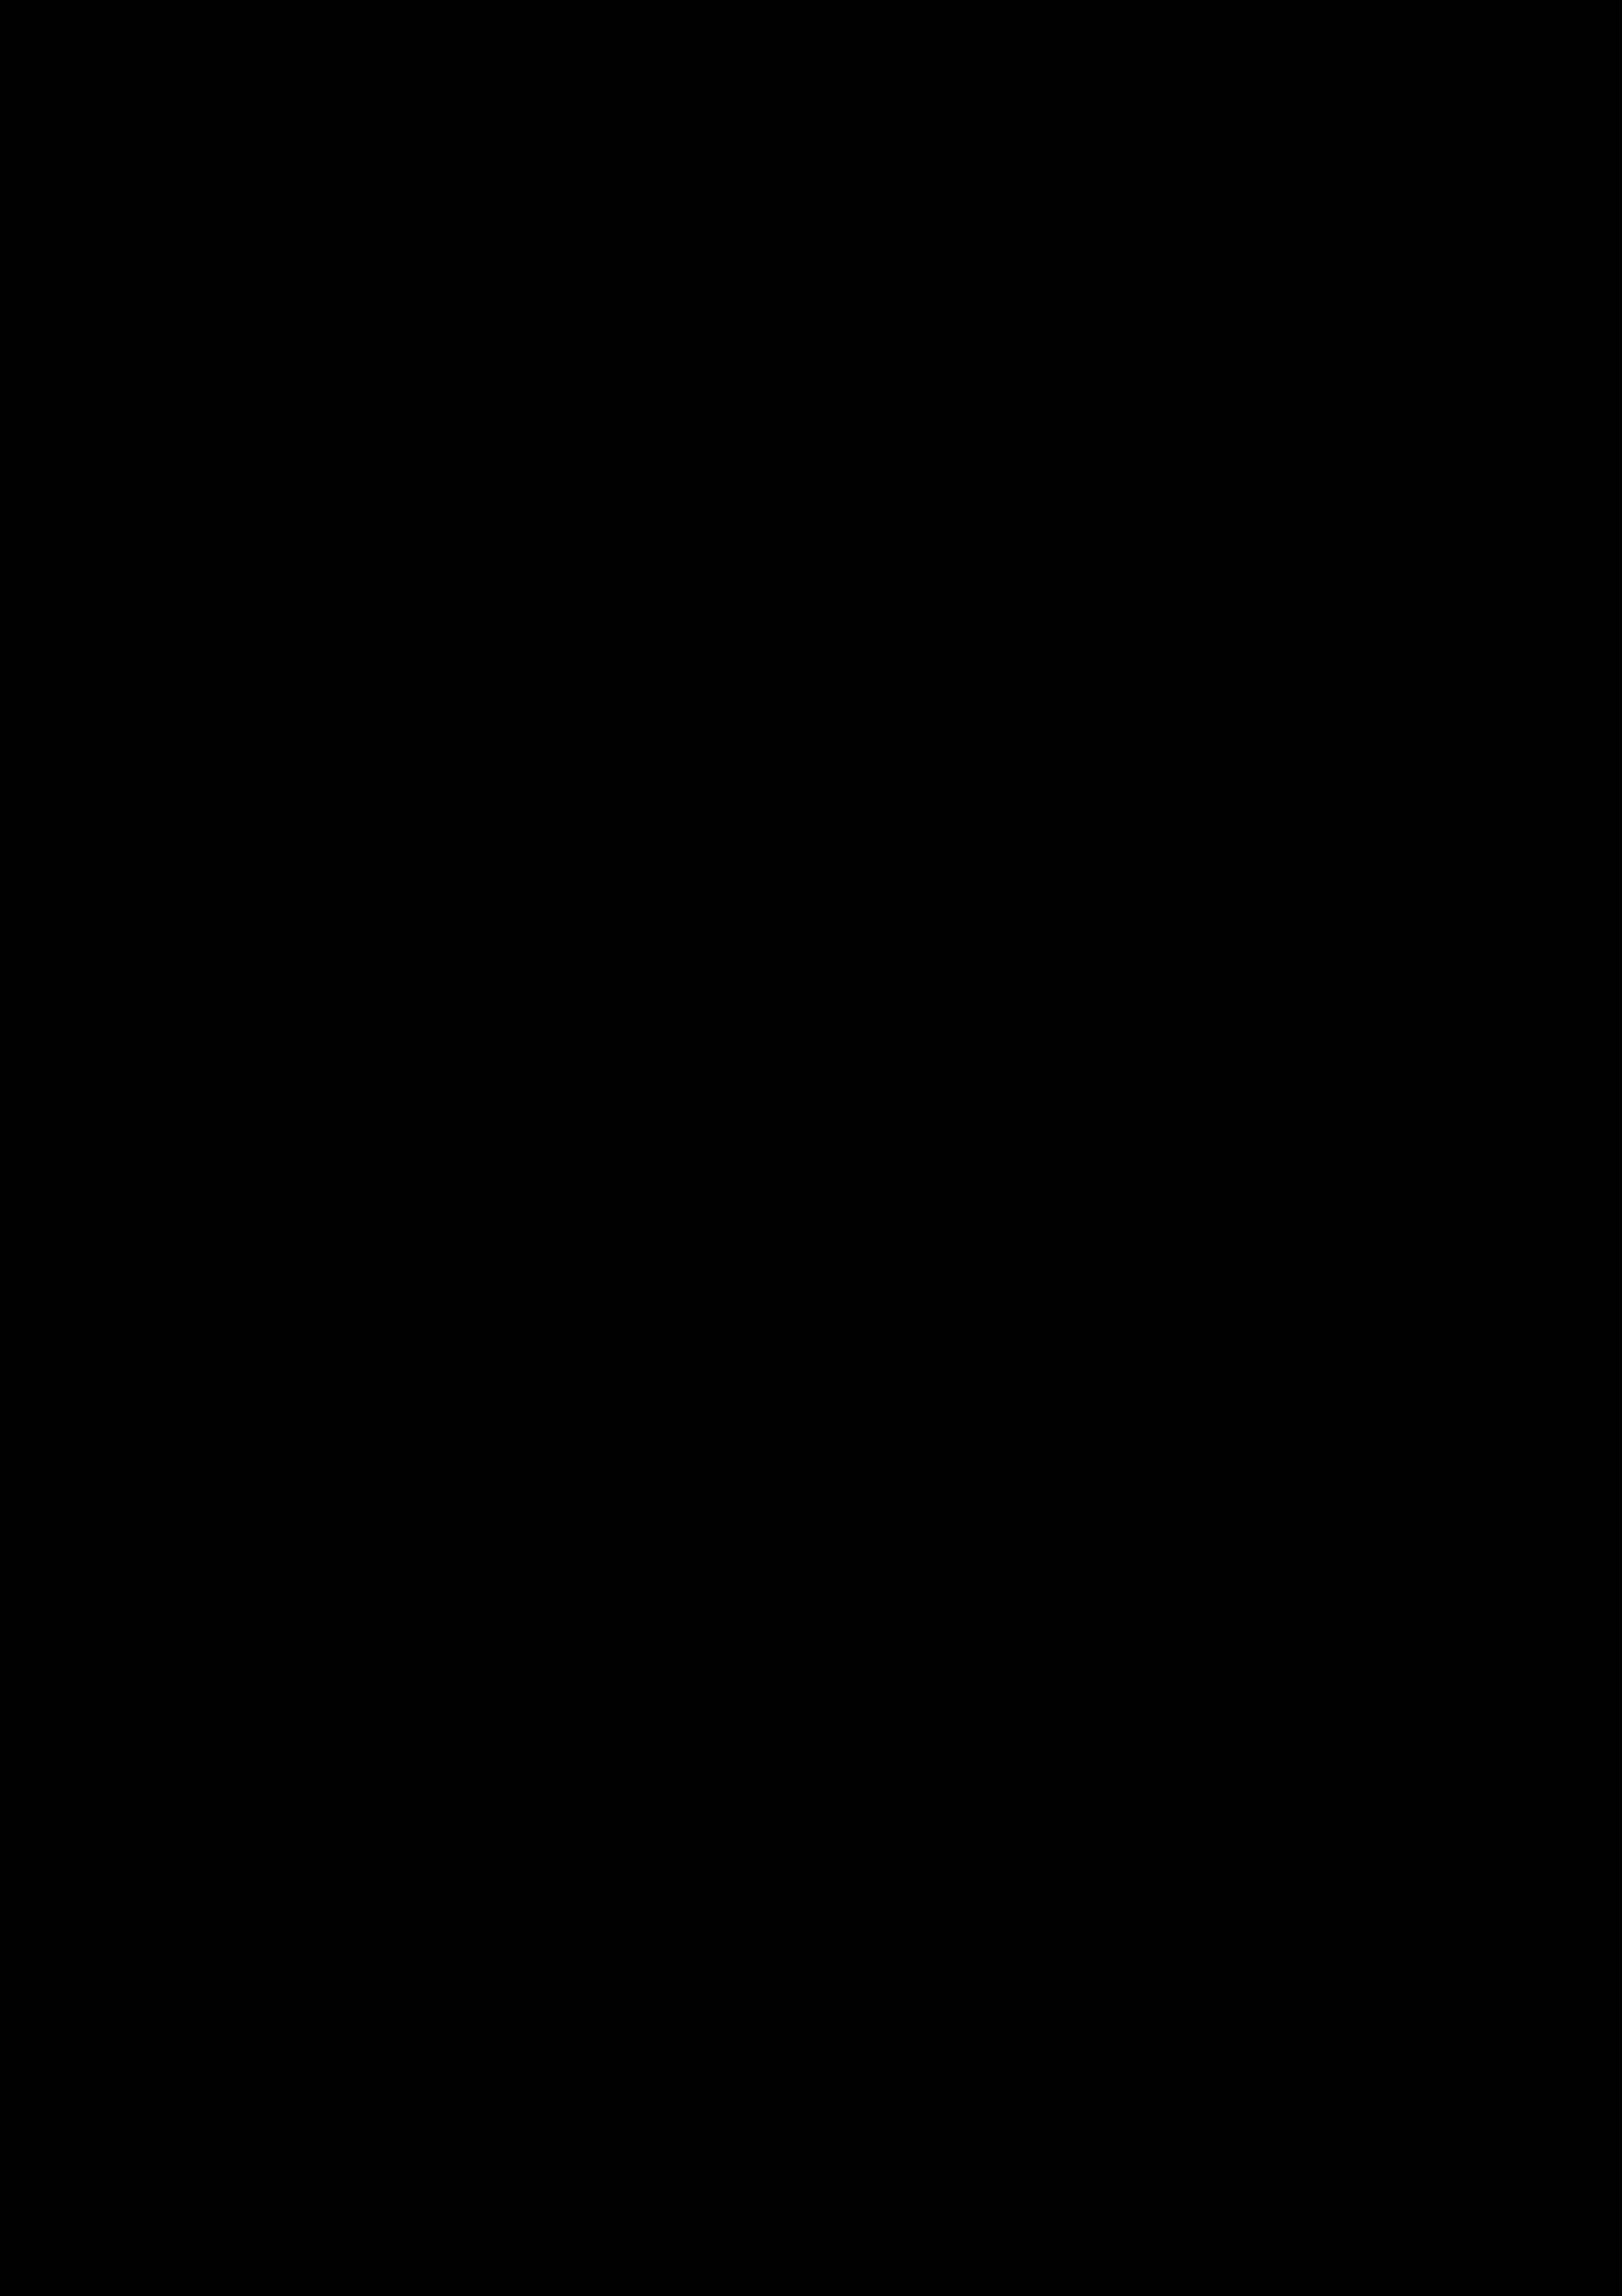 Checker Tobi Film